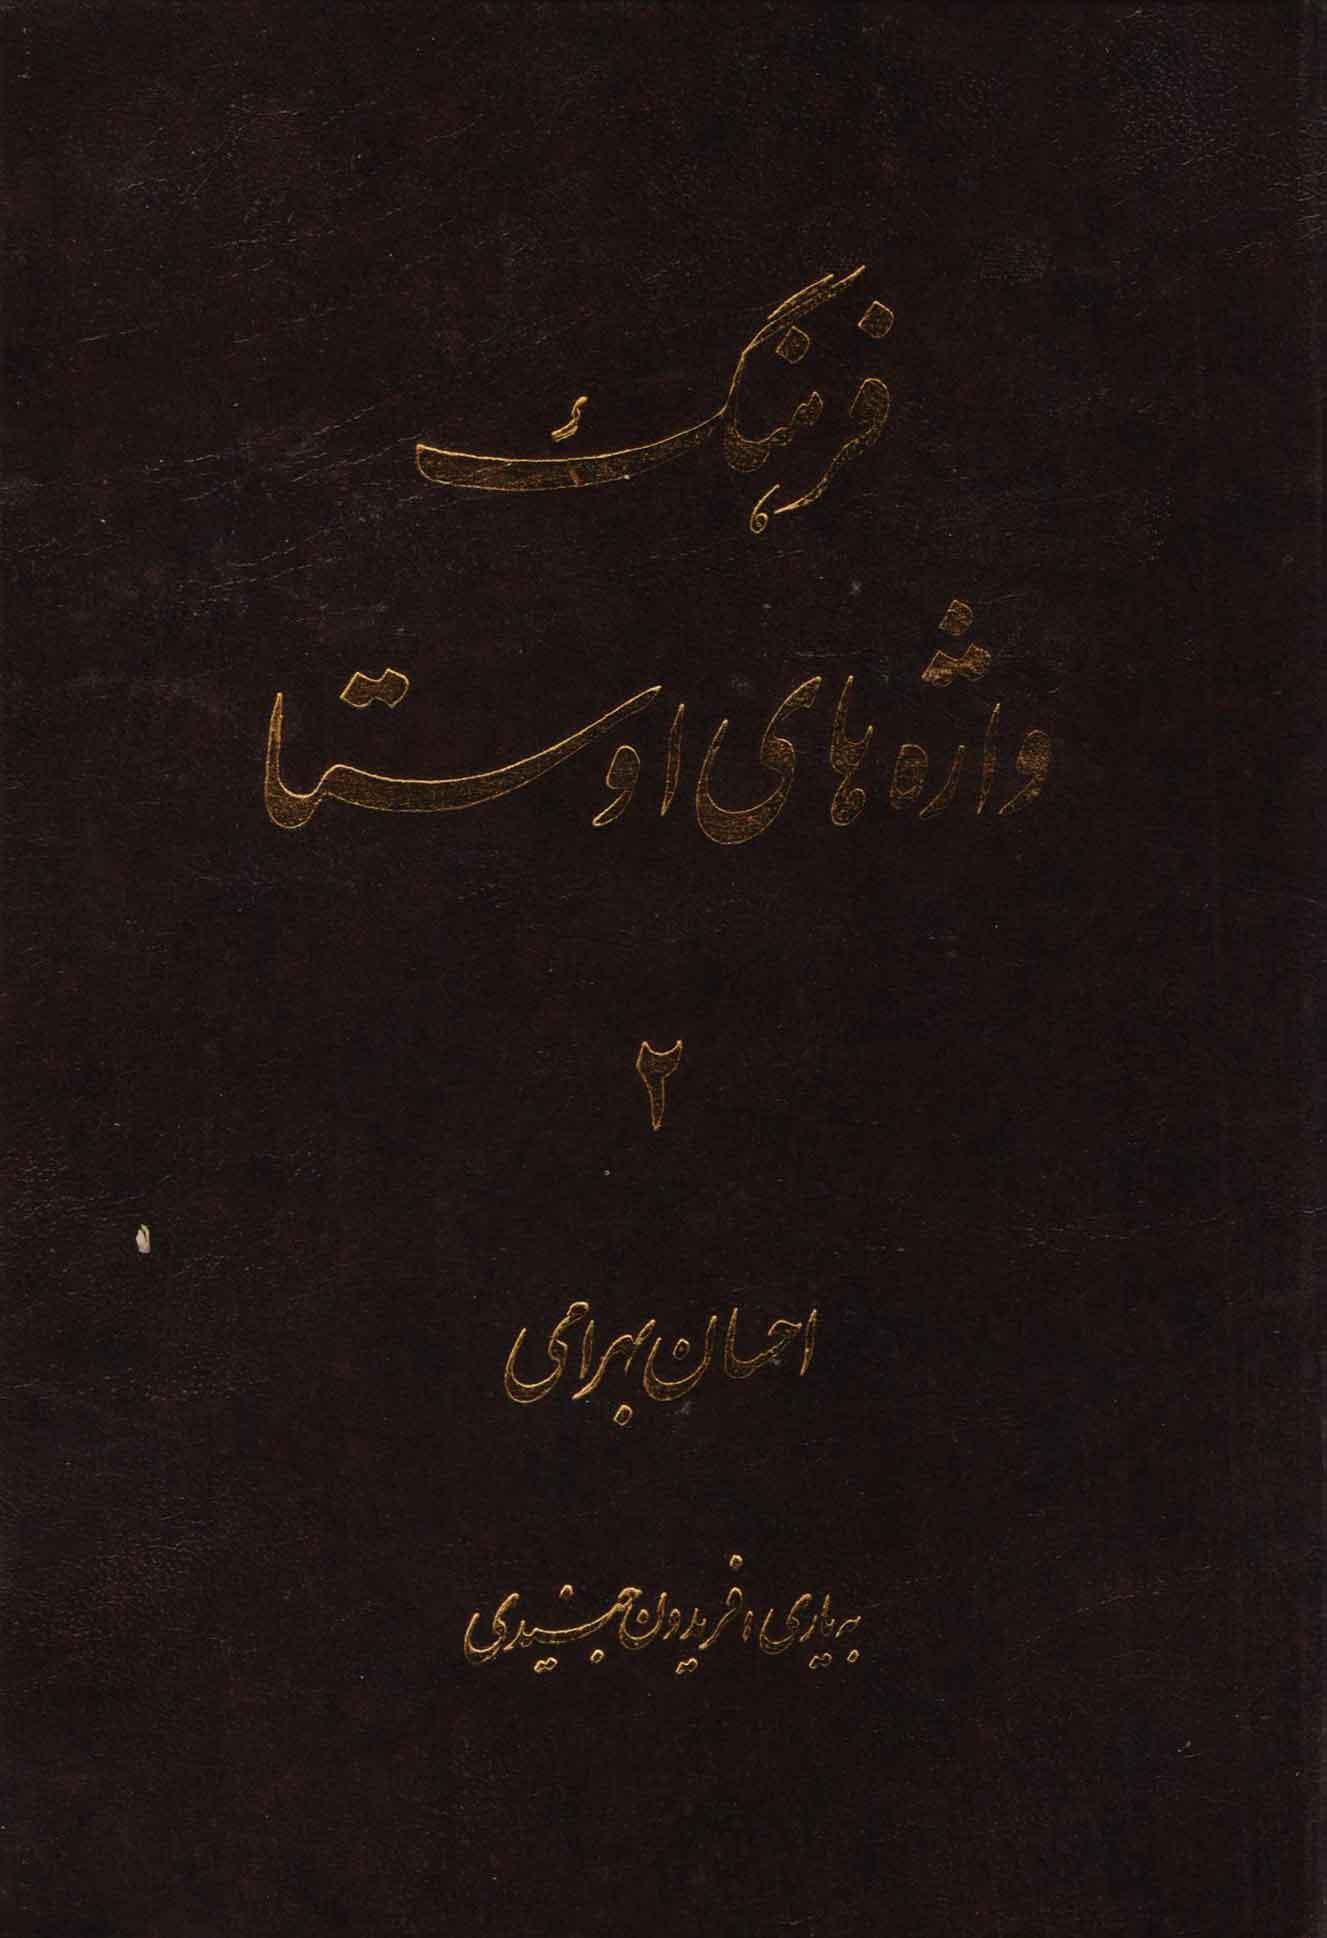 کتاب فرهنگ واژه های اوستا - جلد دوم